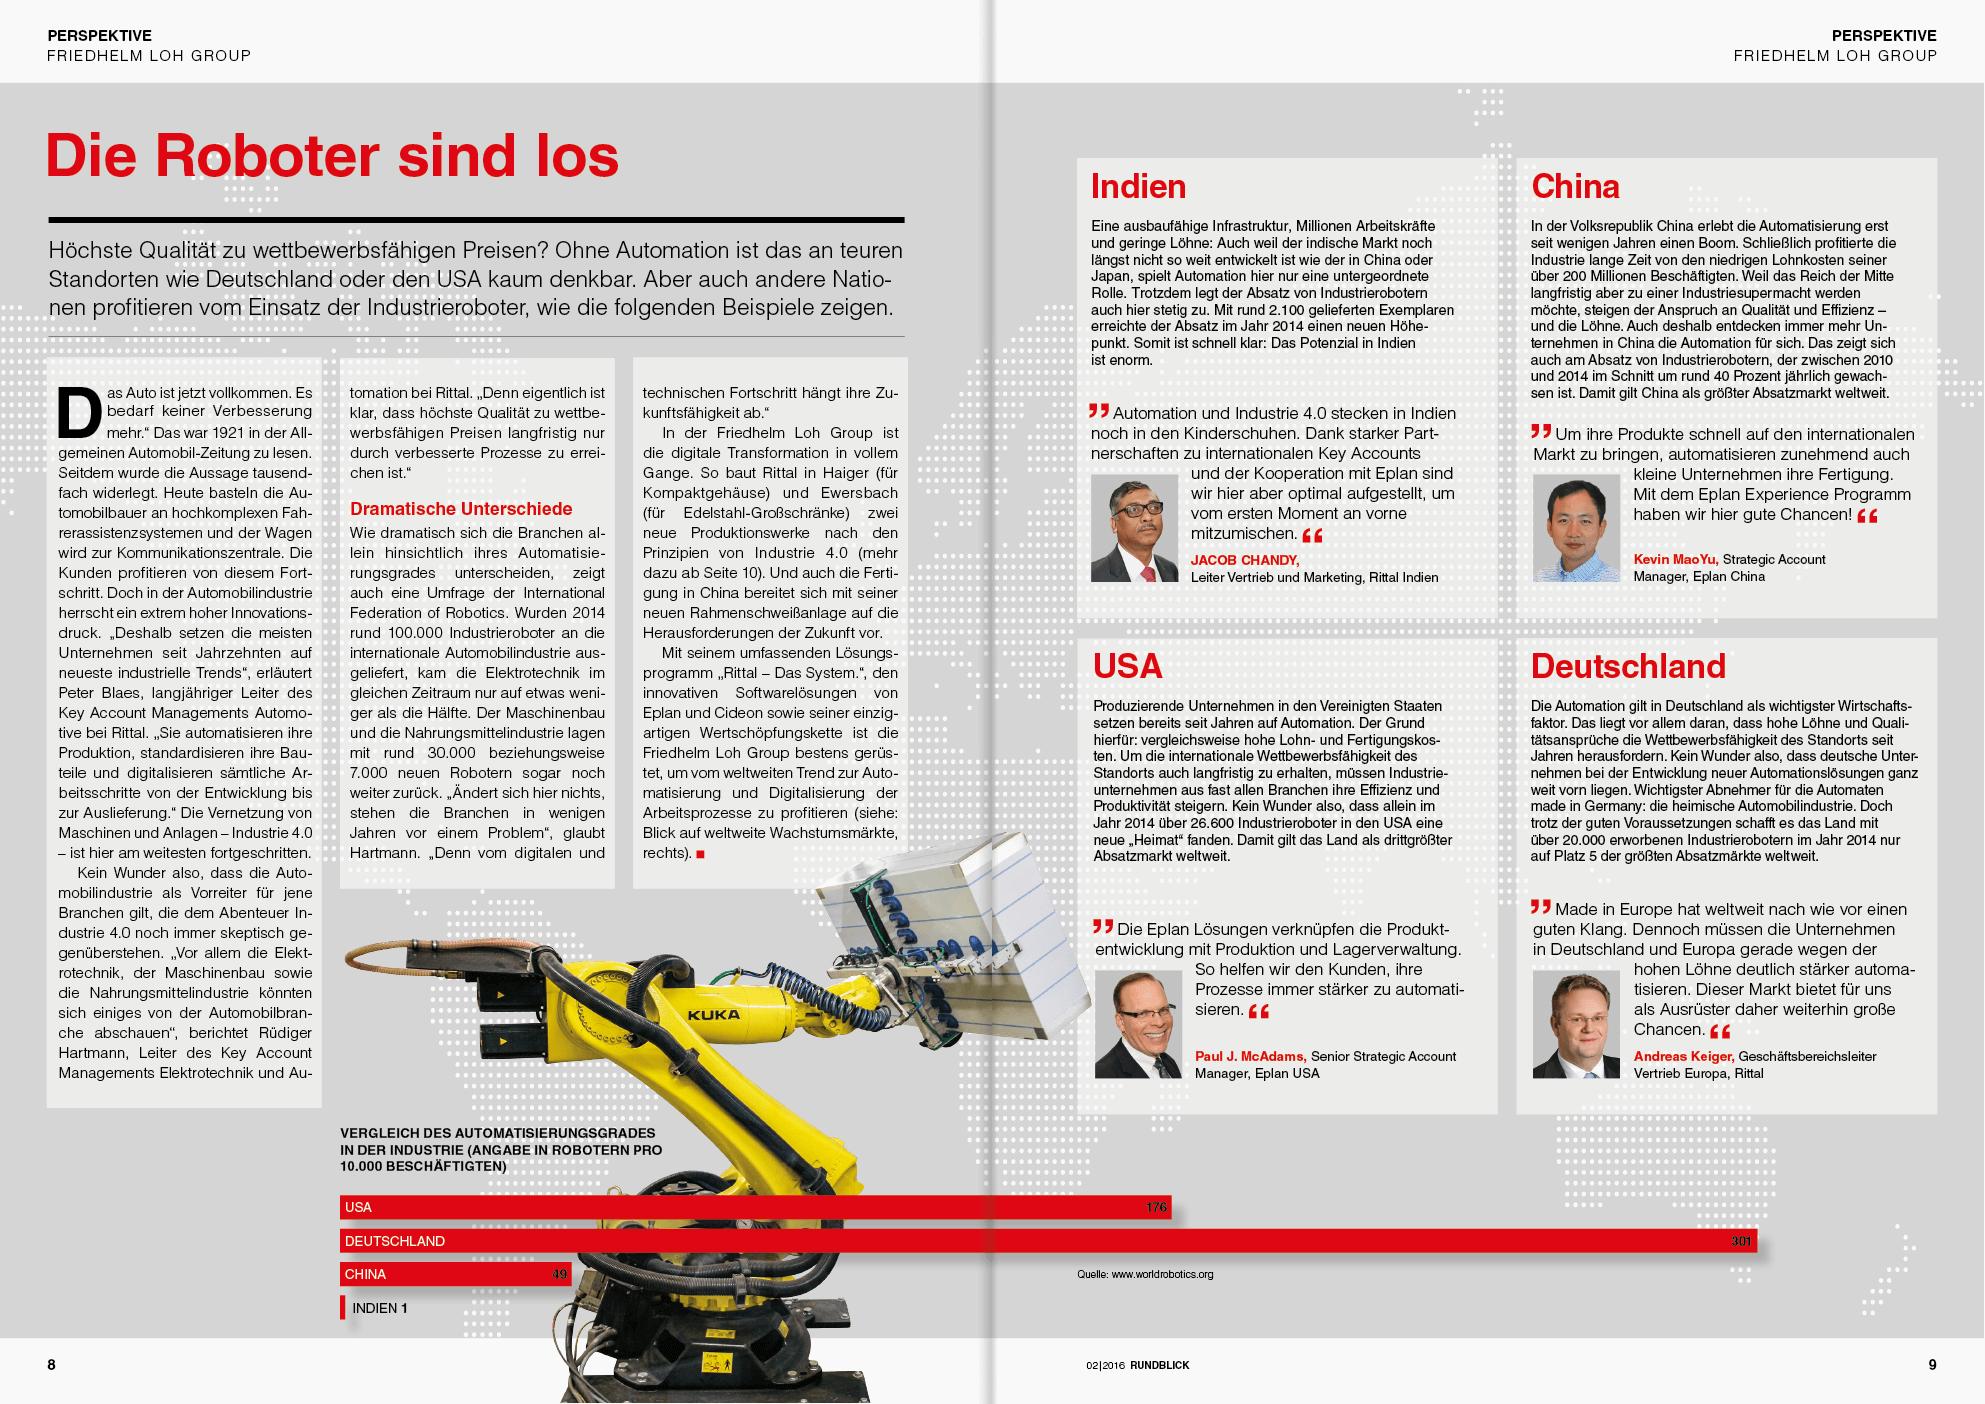 Friedhelm Loh Group/employee magazine